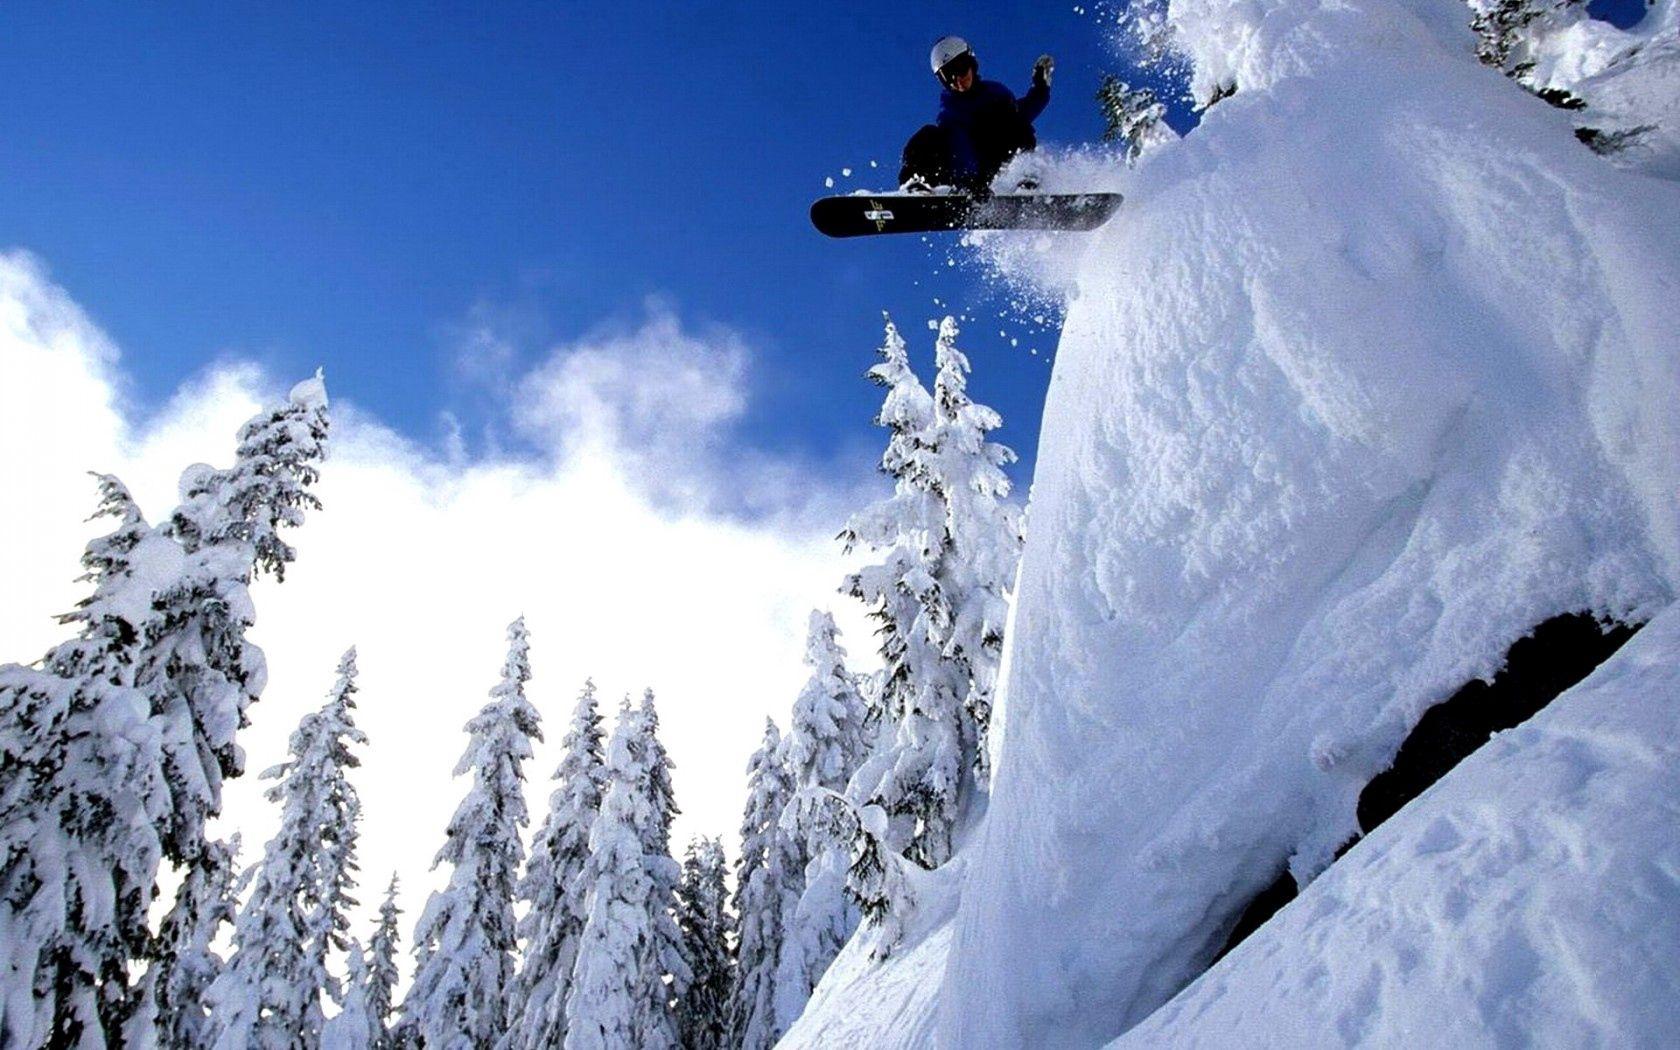 116622 скачать обои Сноуборд, Спорт, Снег, Прыжок - заставки и картинки бесплатно